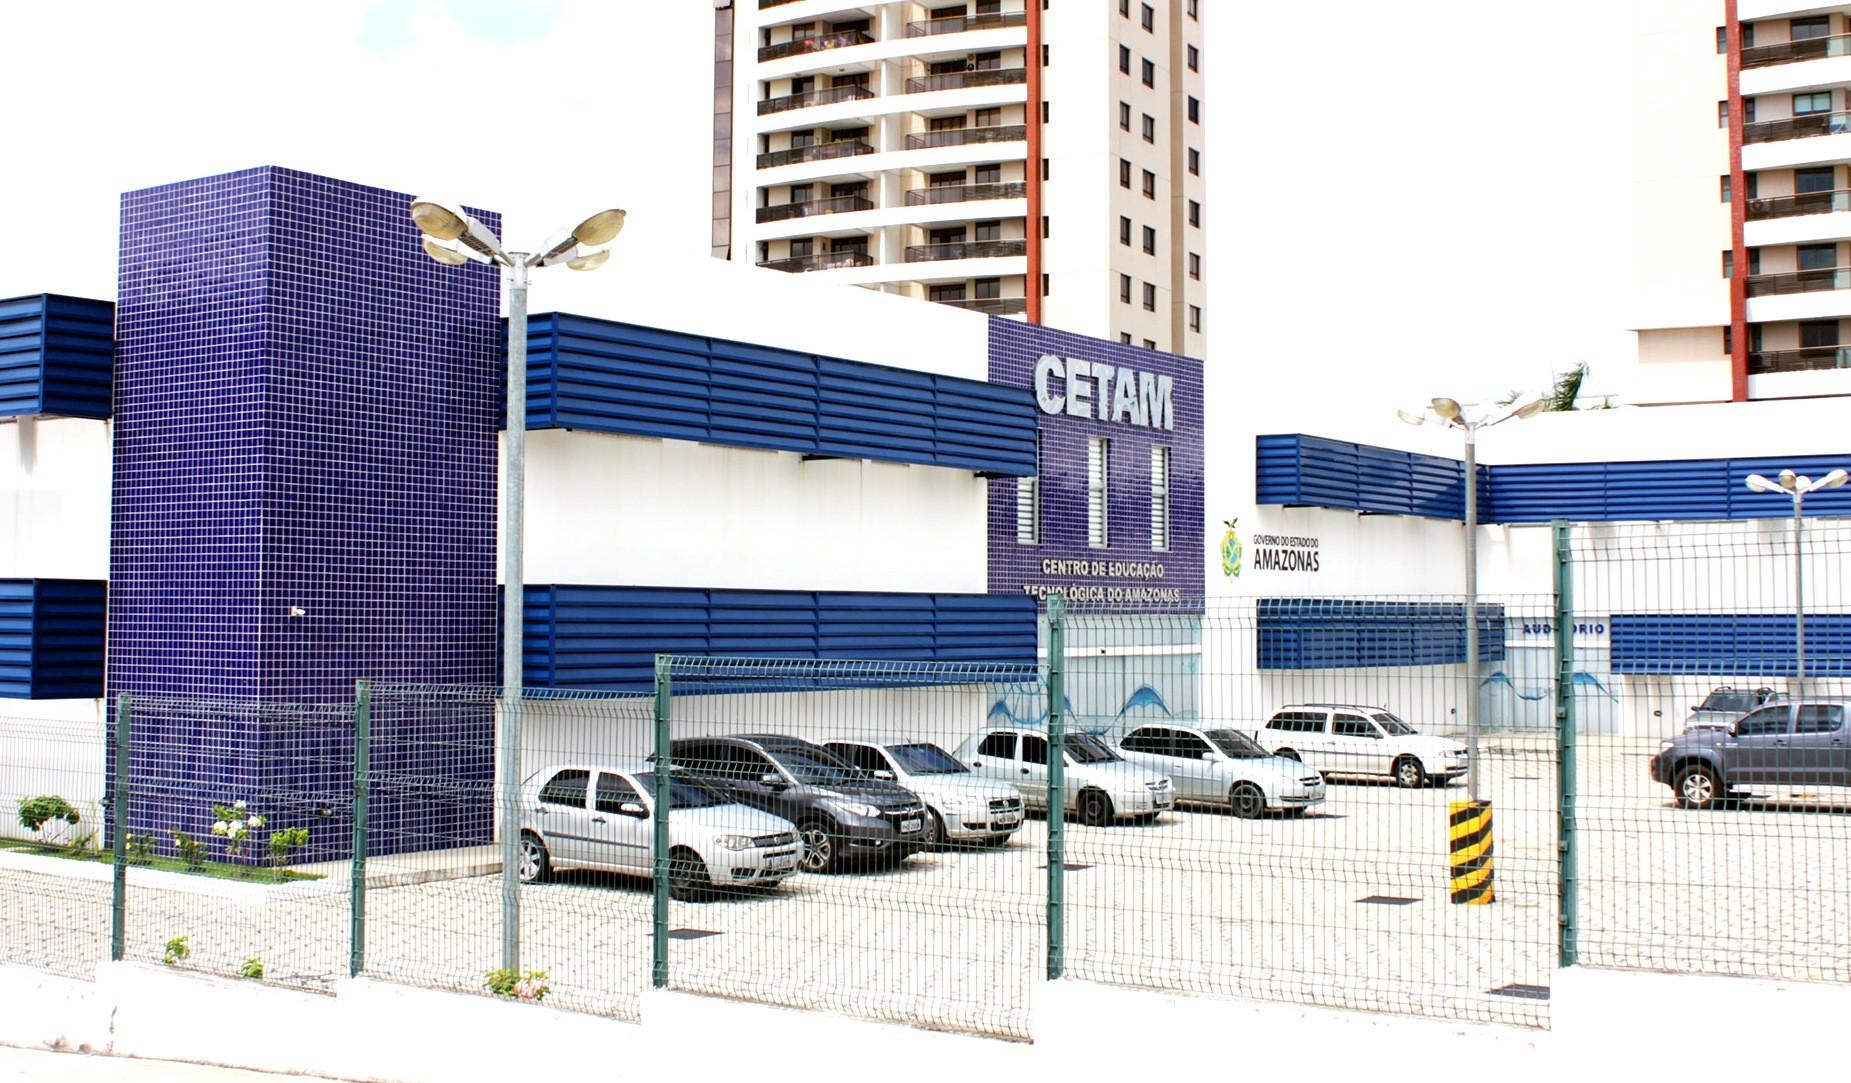 Cetam abre mais de 1,8 mil vagas para cursos técnicos, no AM - Notícias - Plantão Diário